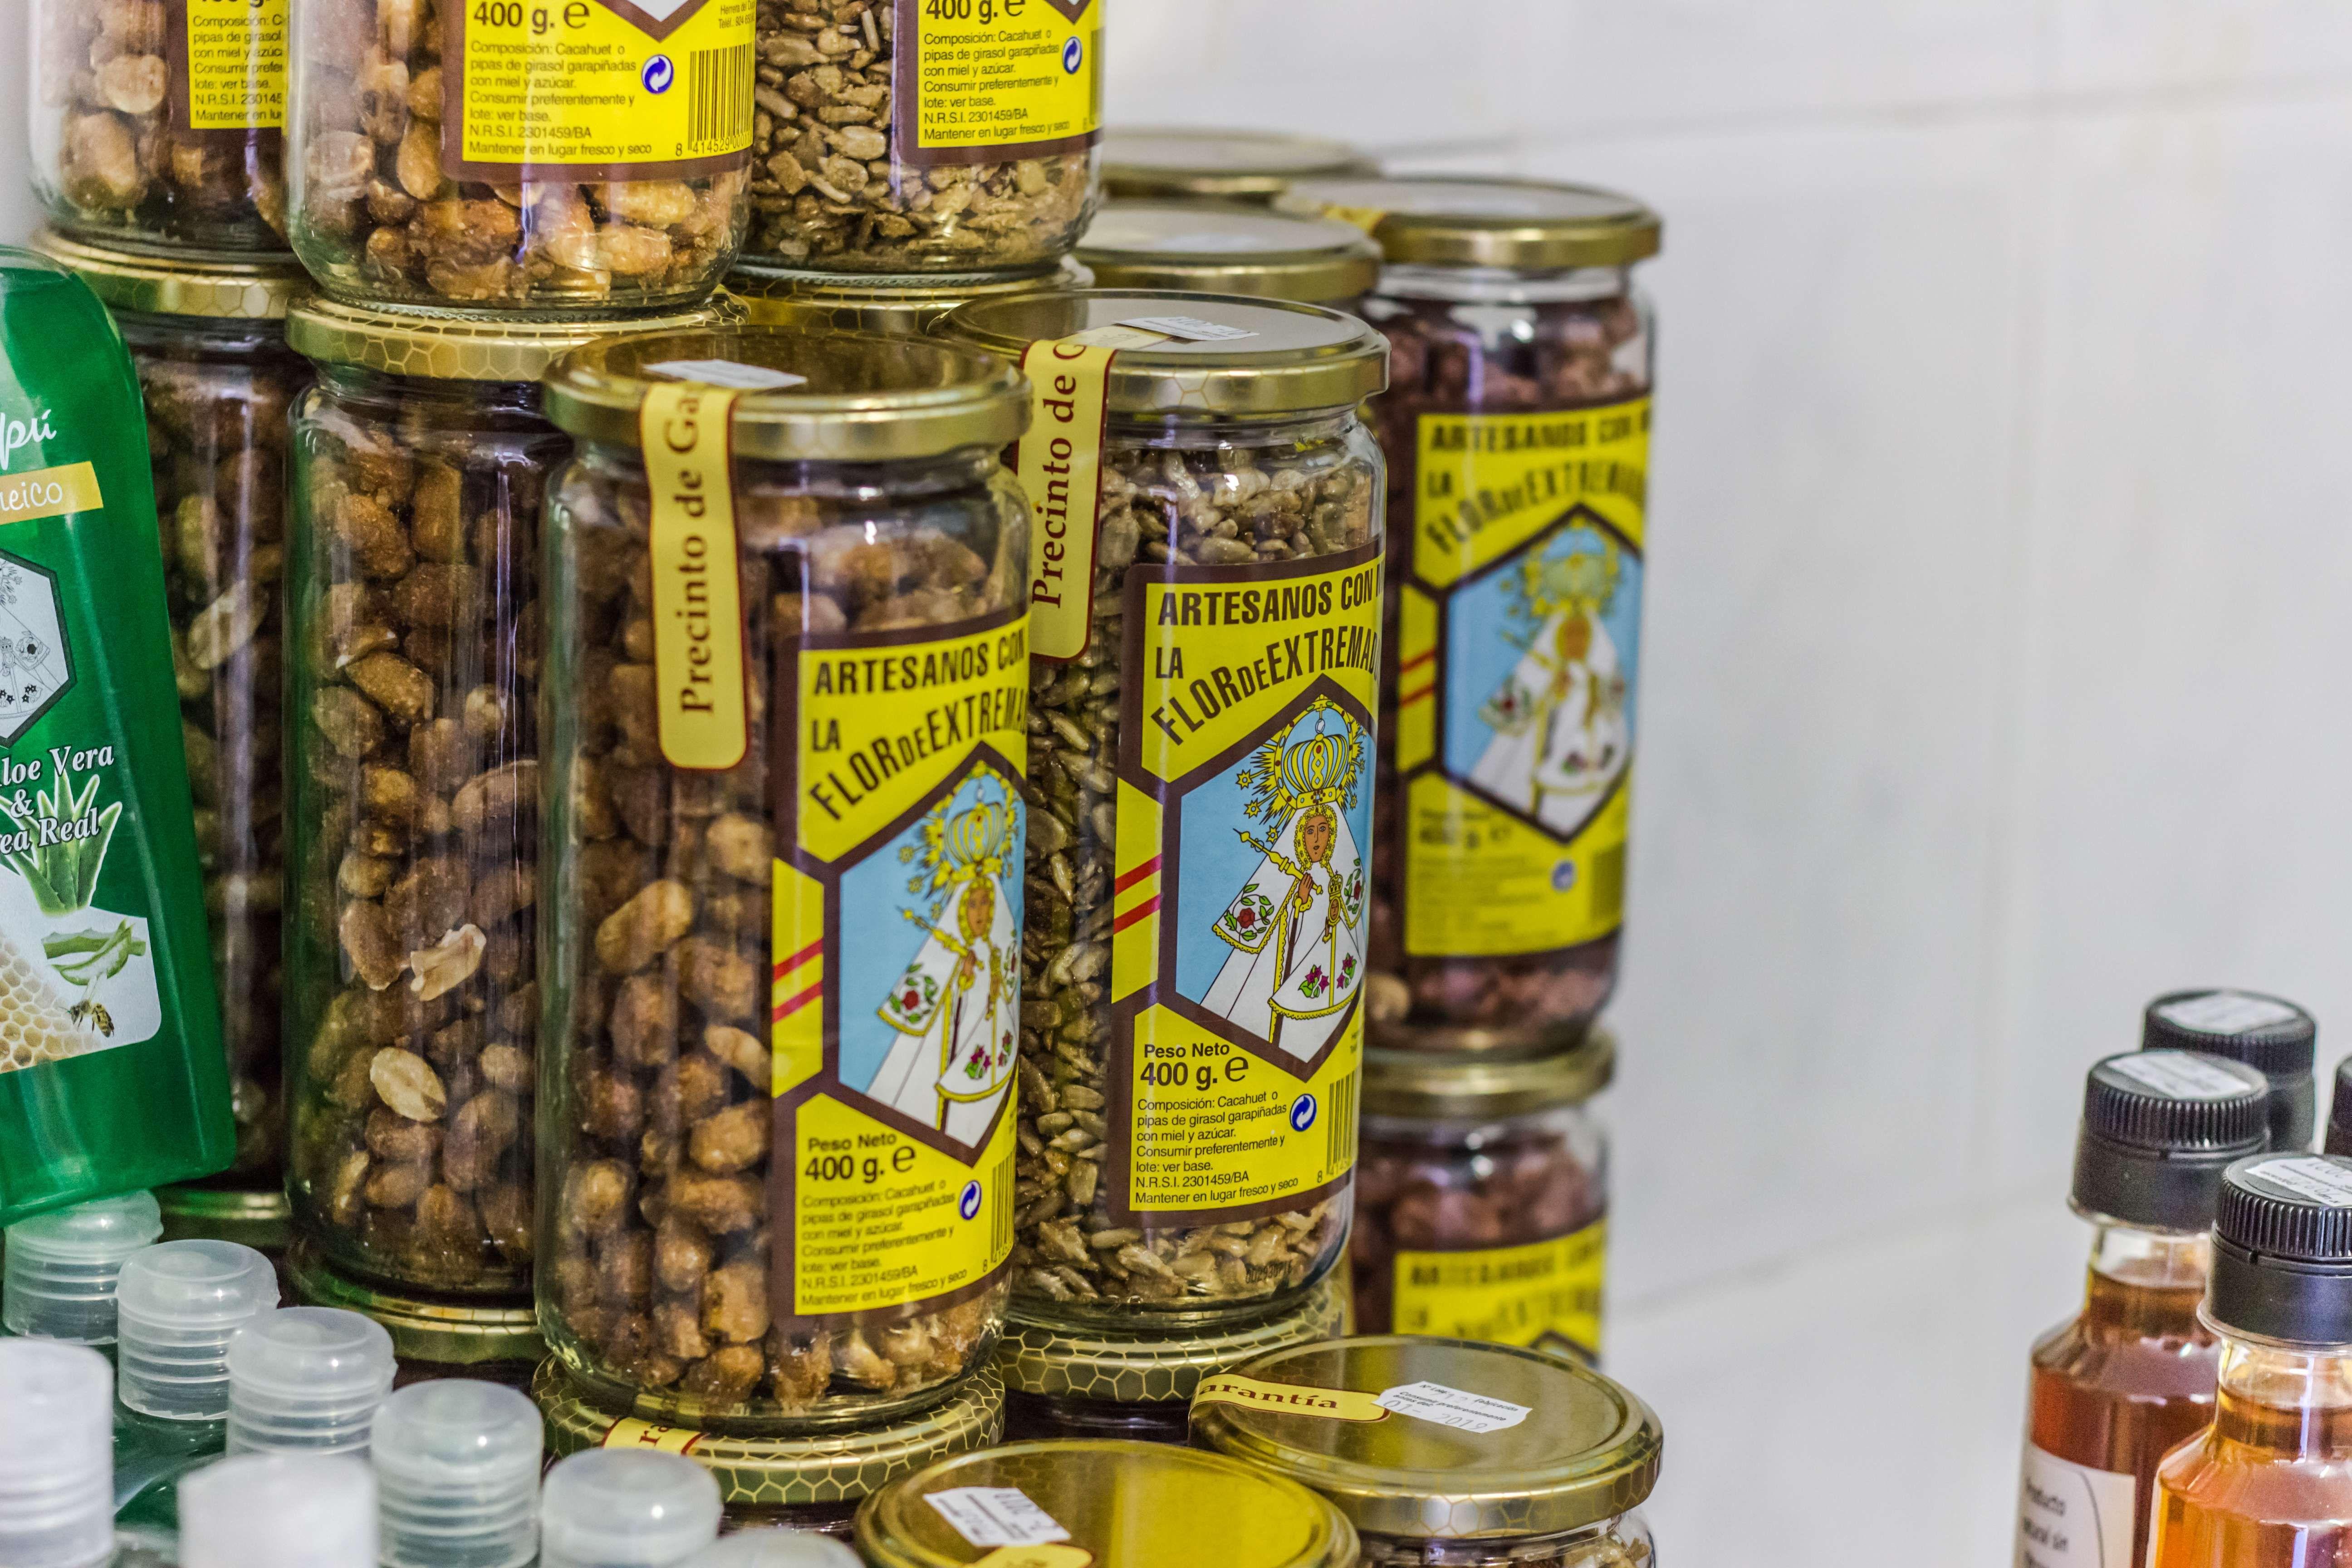 Foto 35 de Venta de miel, productos dietéticos y cosmética natural en Herrera del Duque | Miel Virgen de Extremadura